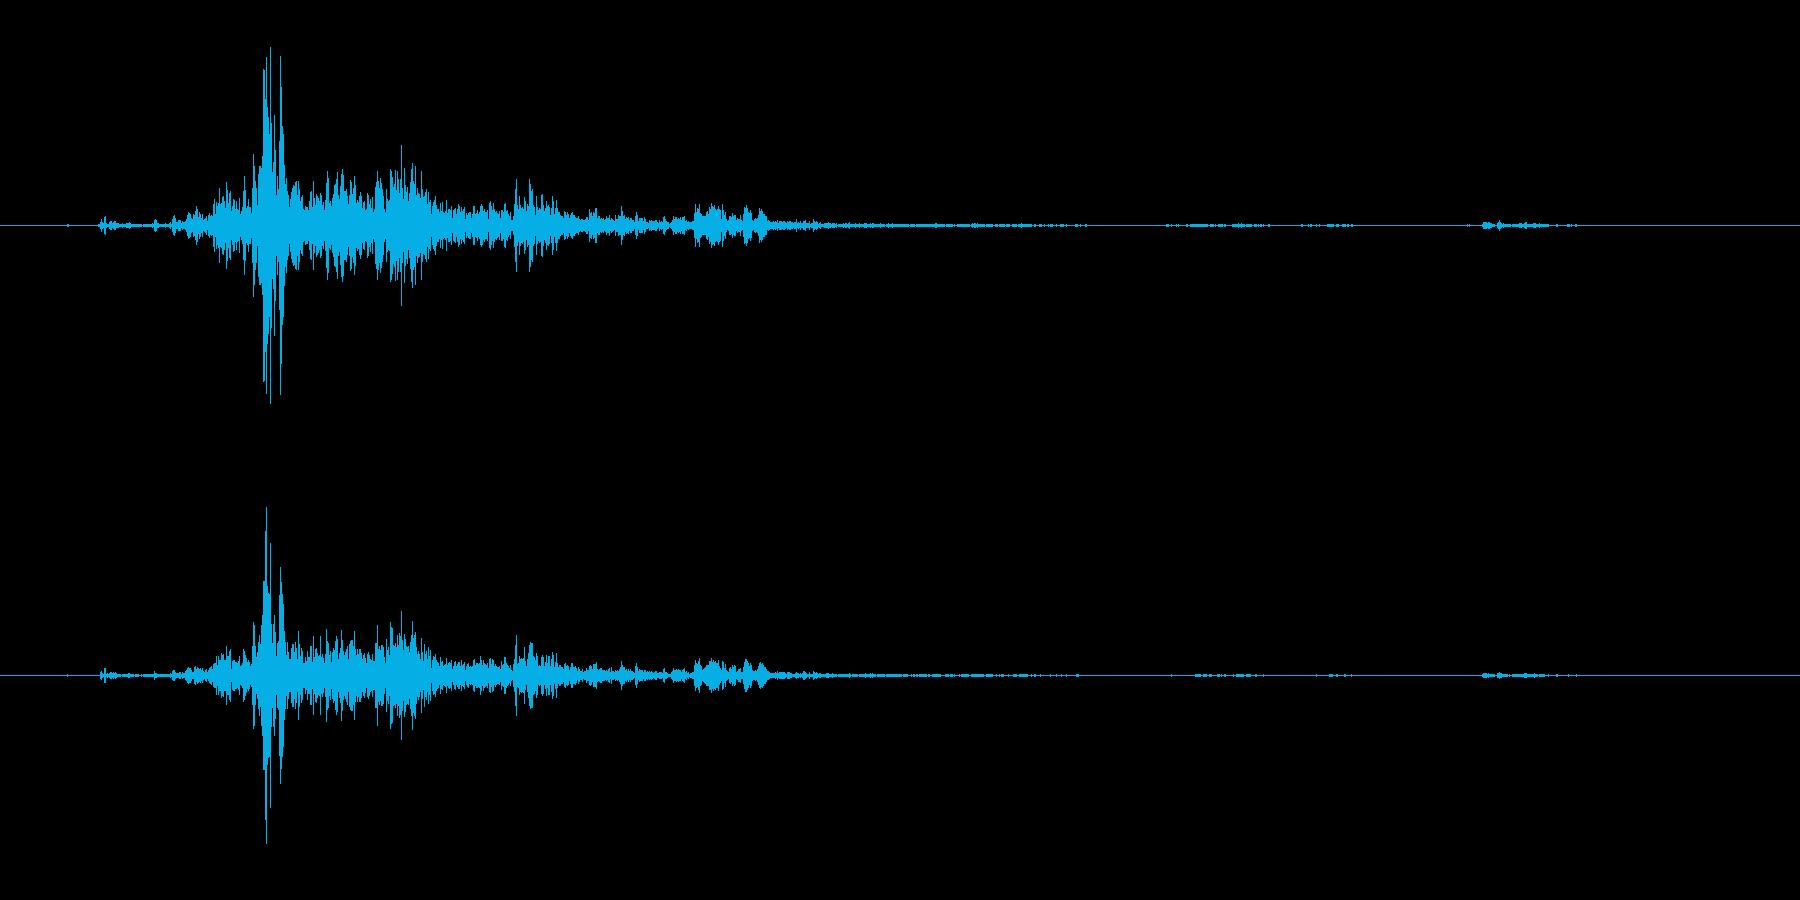 バリバリドーン(落雷の音(雷のみ抽出))の再生済みの波形